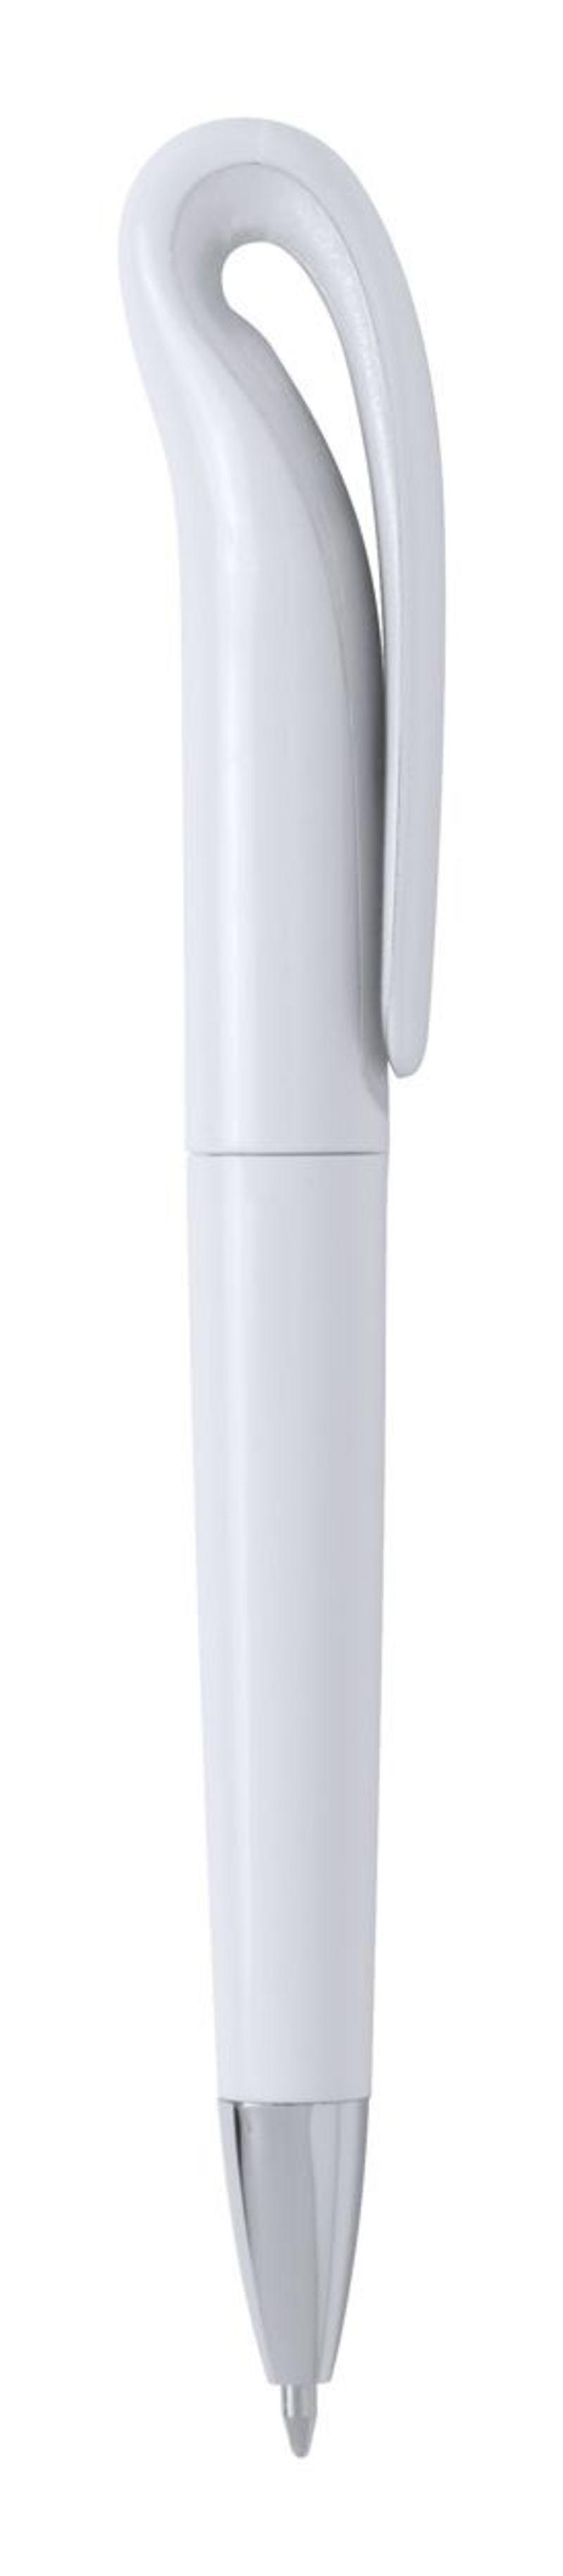 Bidmon ballpoint pen